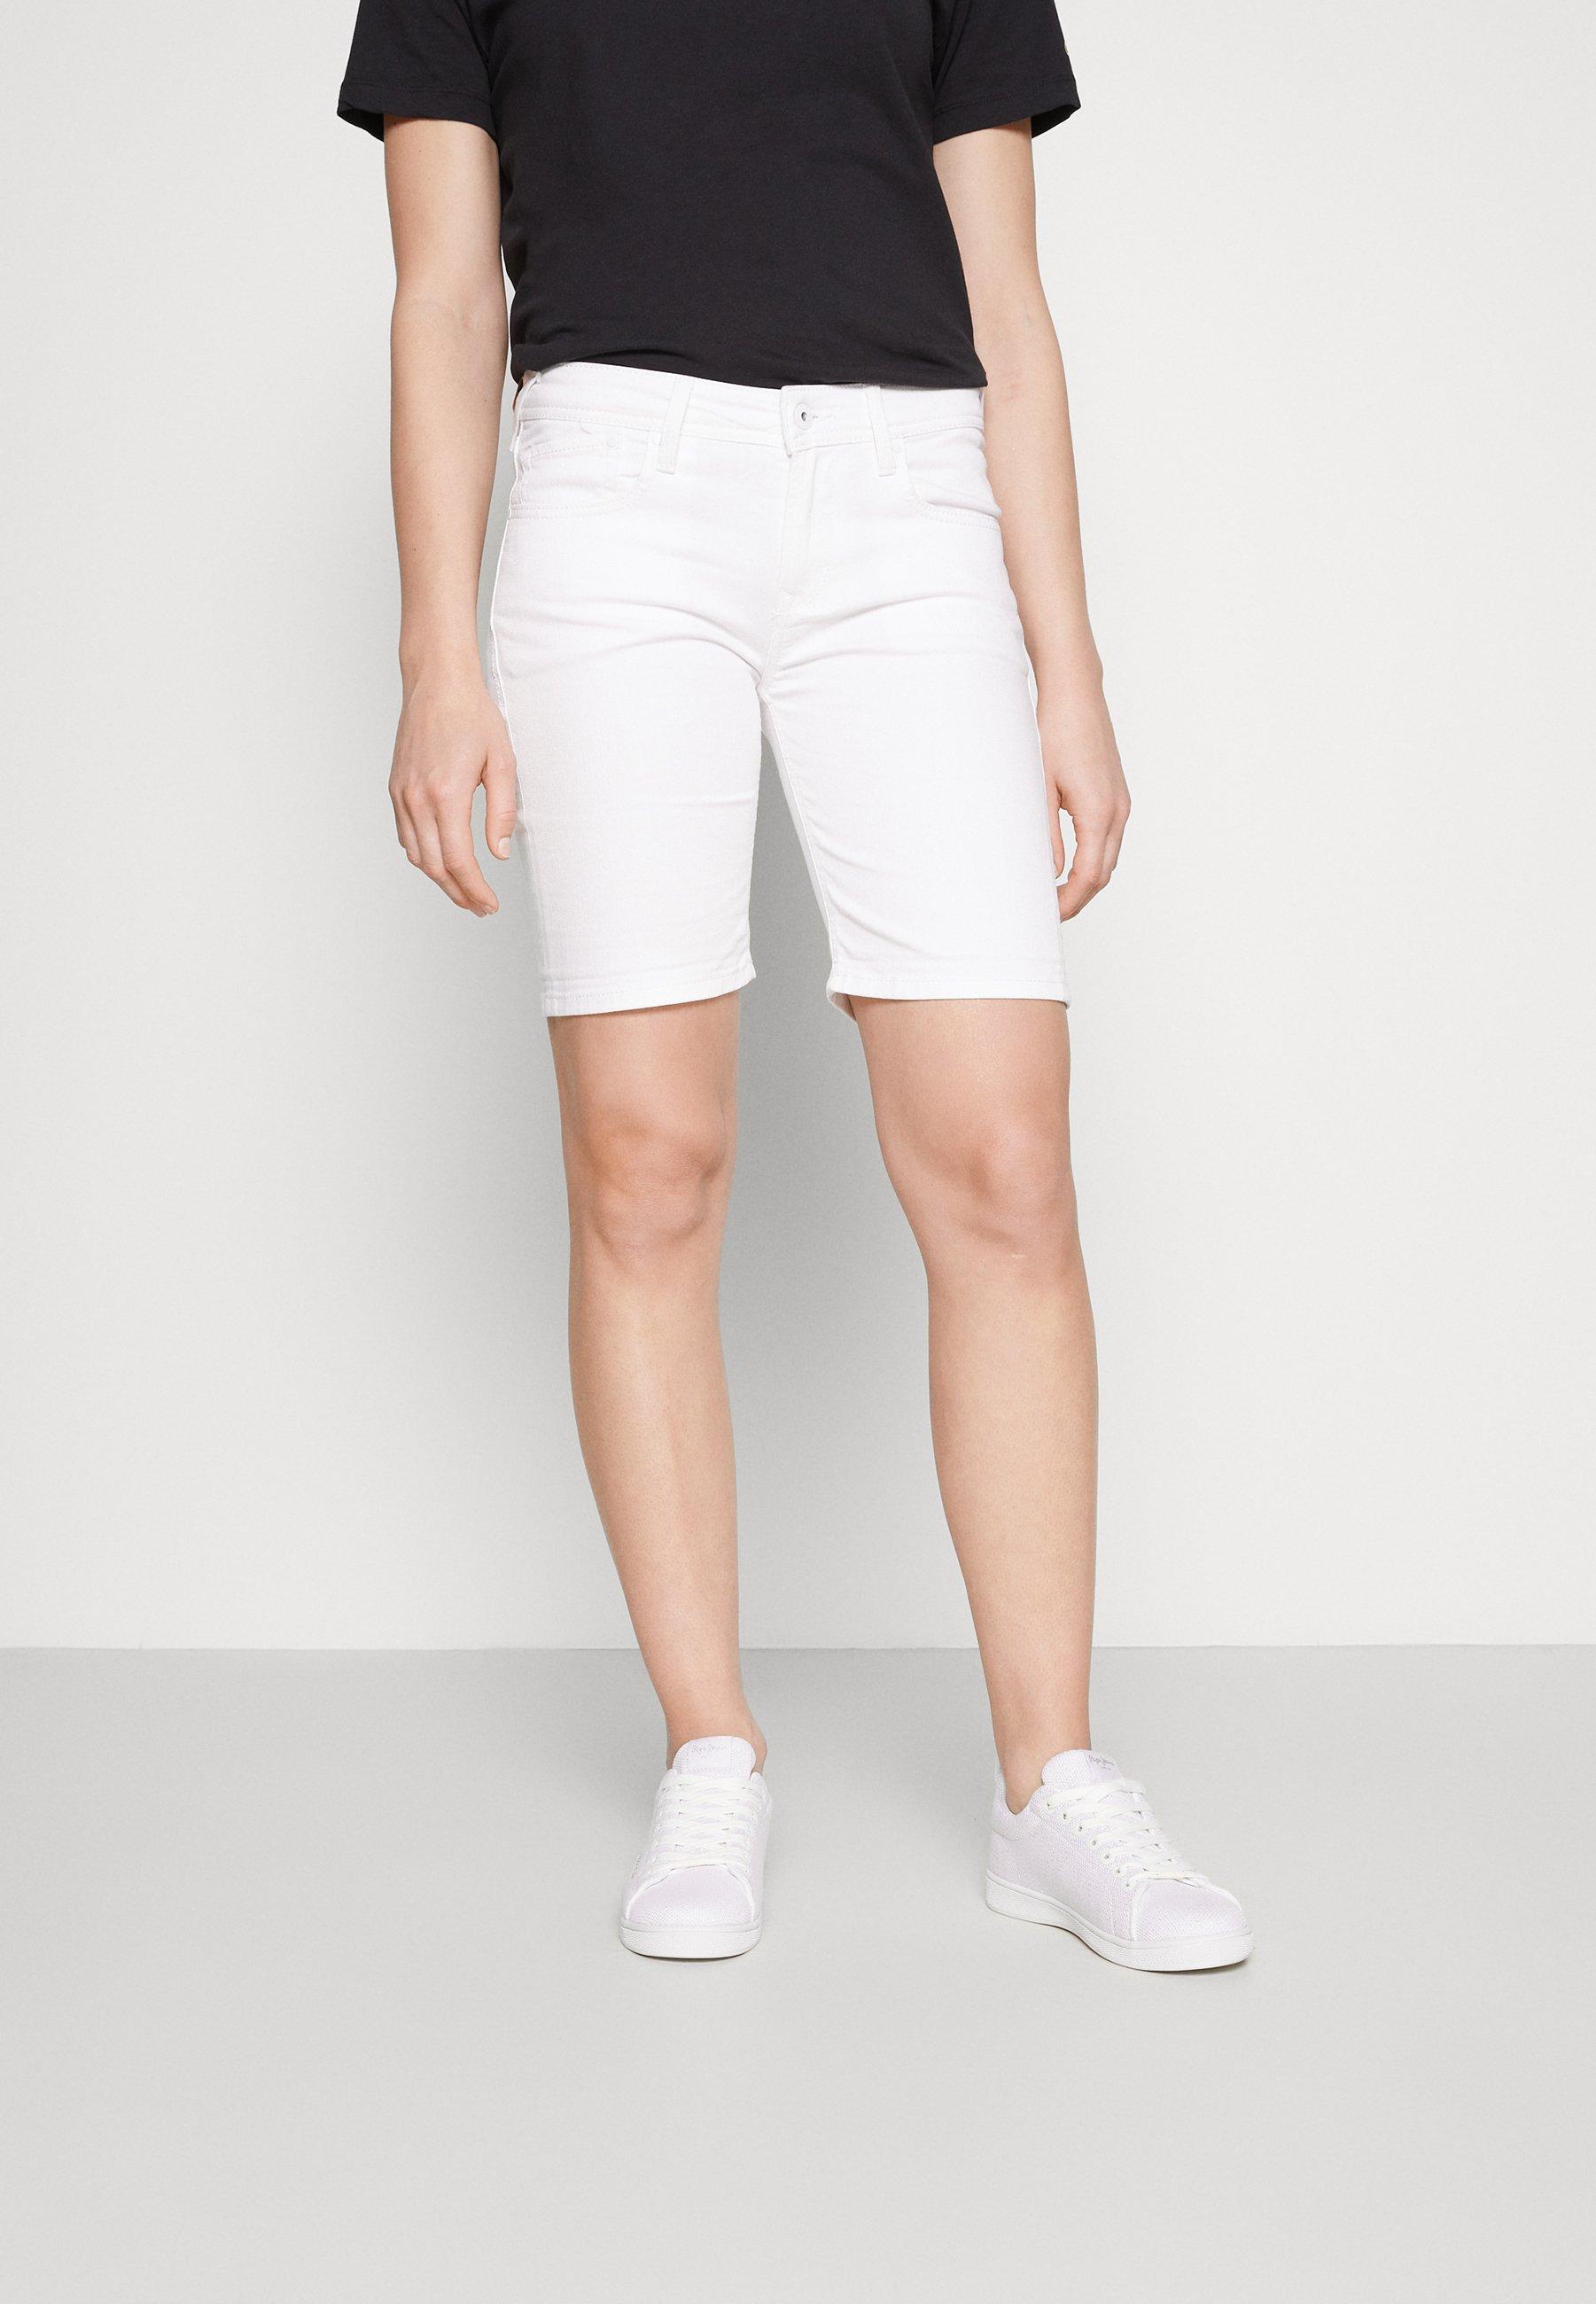 Damer POPPY PRIDE - Jeans Short / cowboy shorts